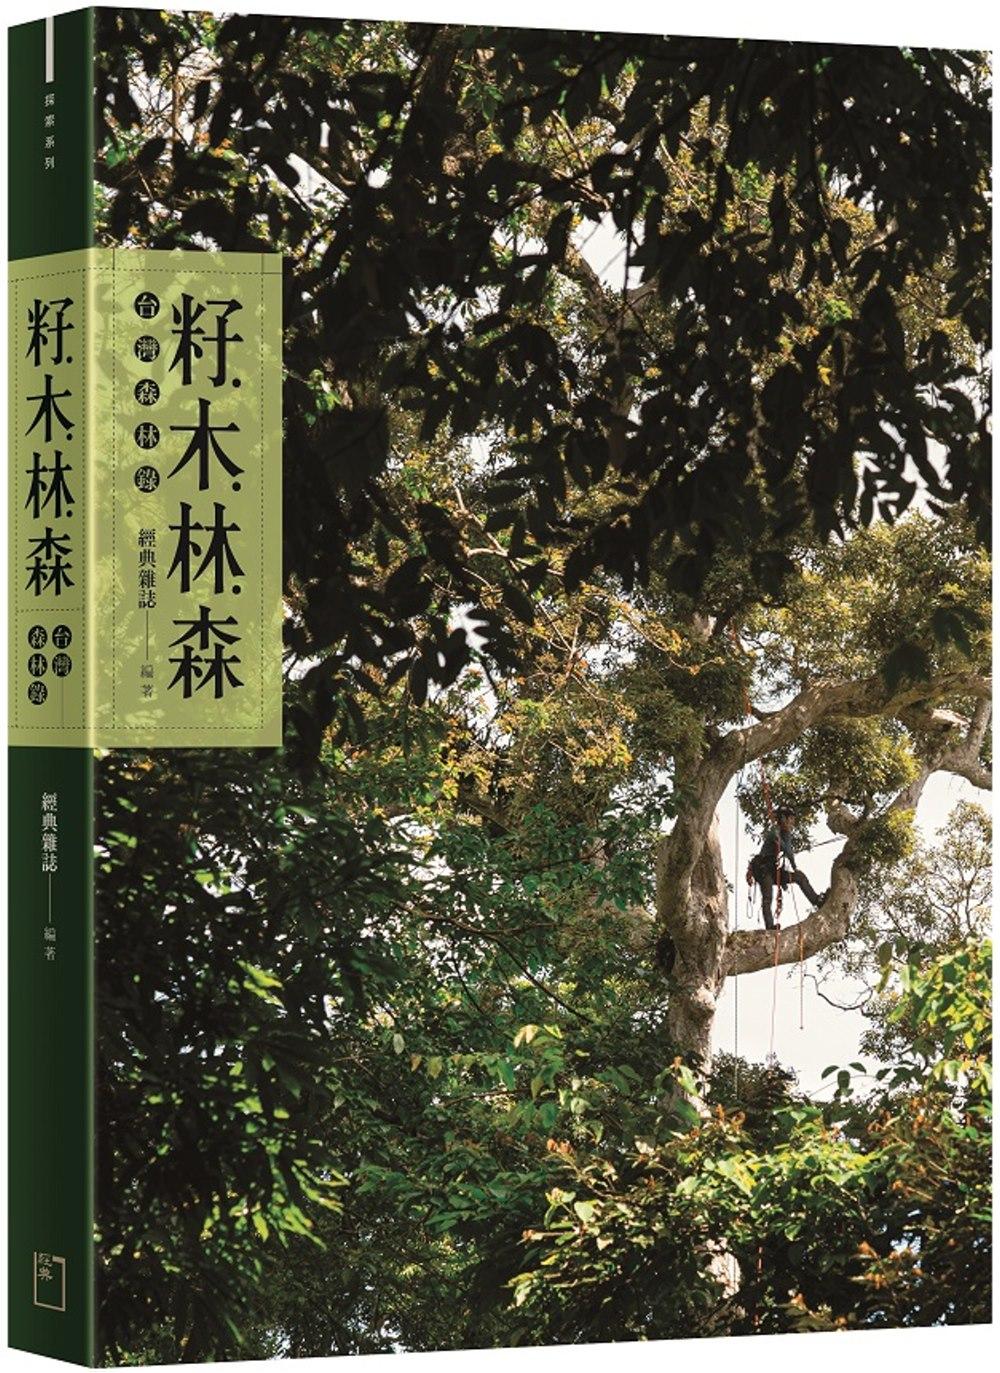 籽.木.林.森:台灣森林錄